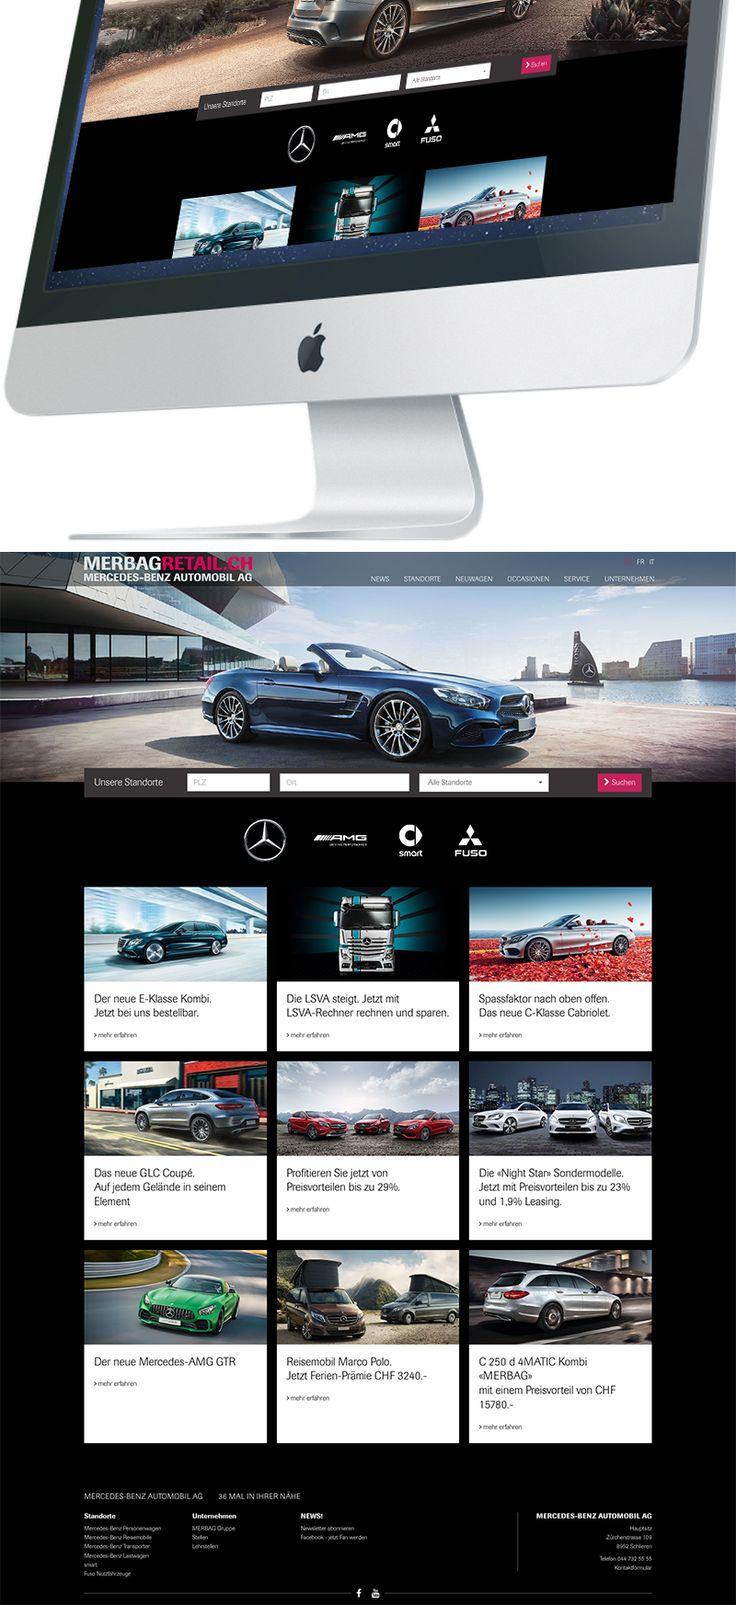 Kunde: Mercedes-Benz Automobil AG | Branche: Automotiv | Werbemittel: Responsive-Website Design | Erscheinung: einmalig | Umfang: Design